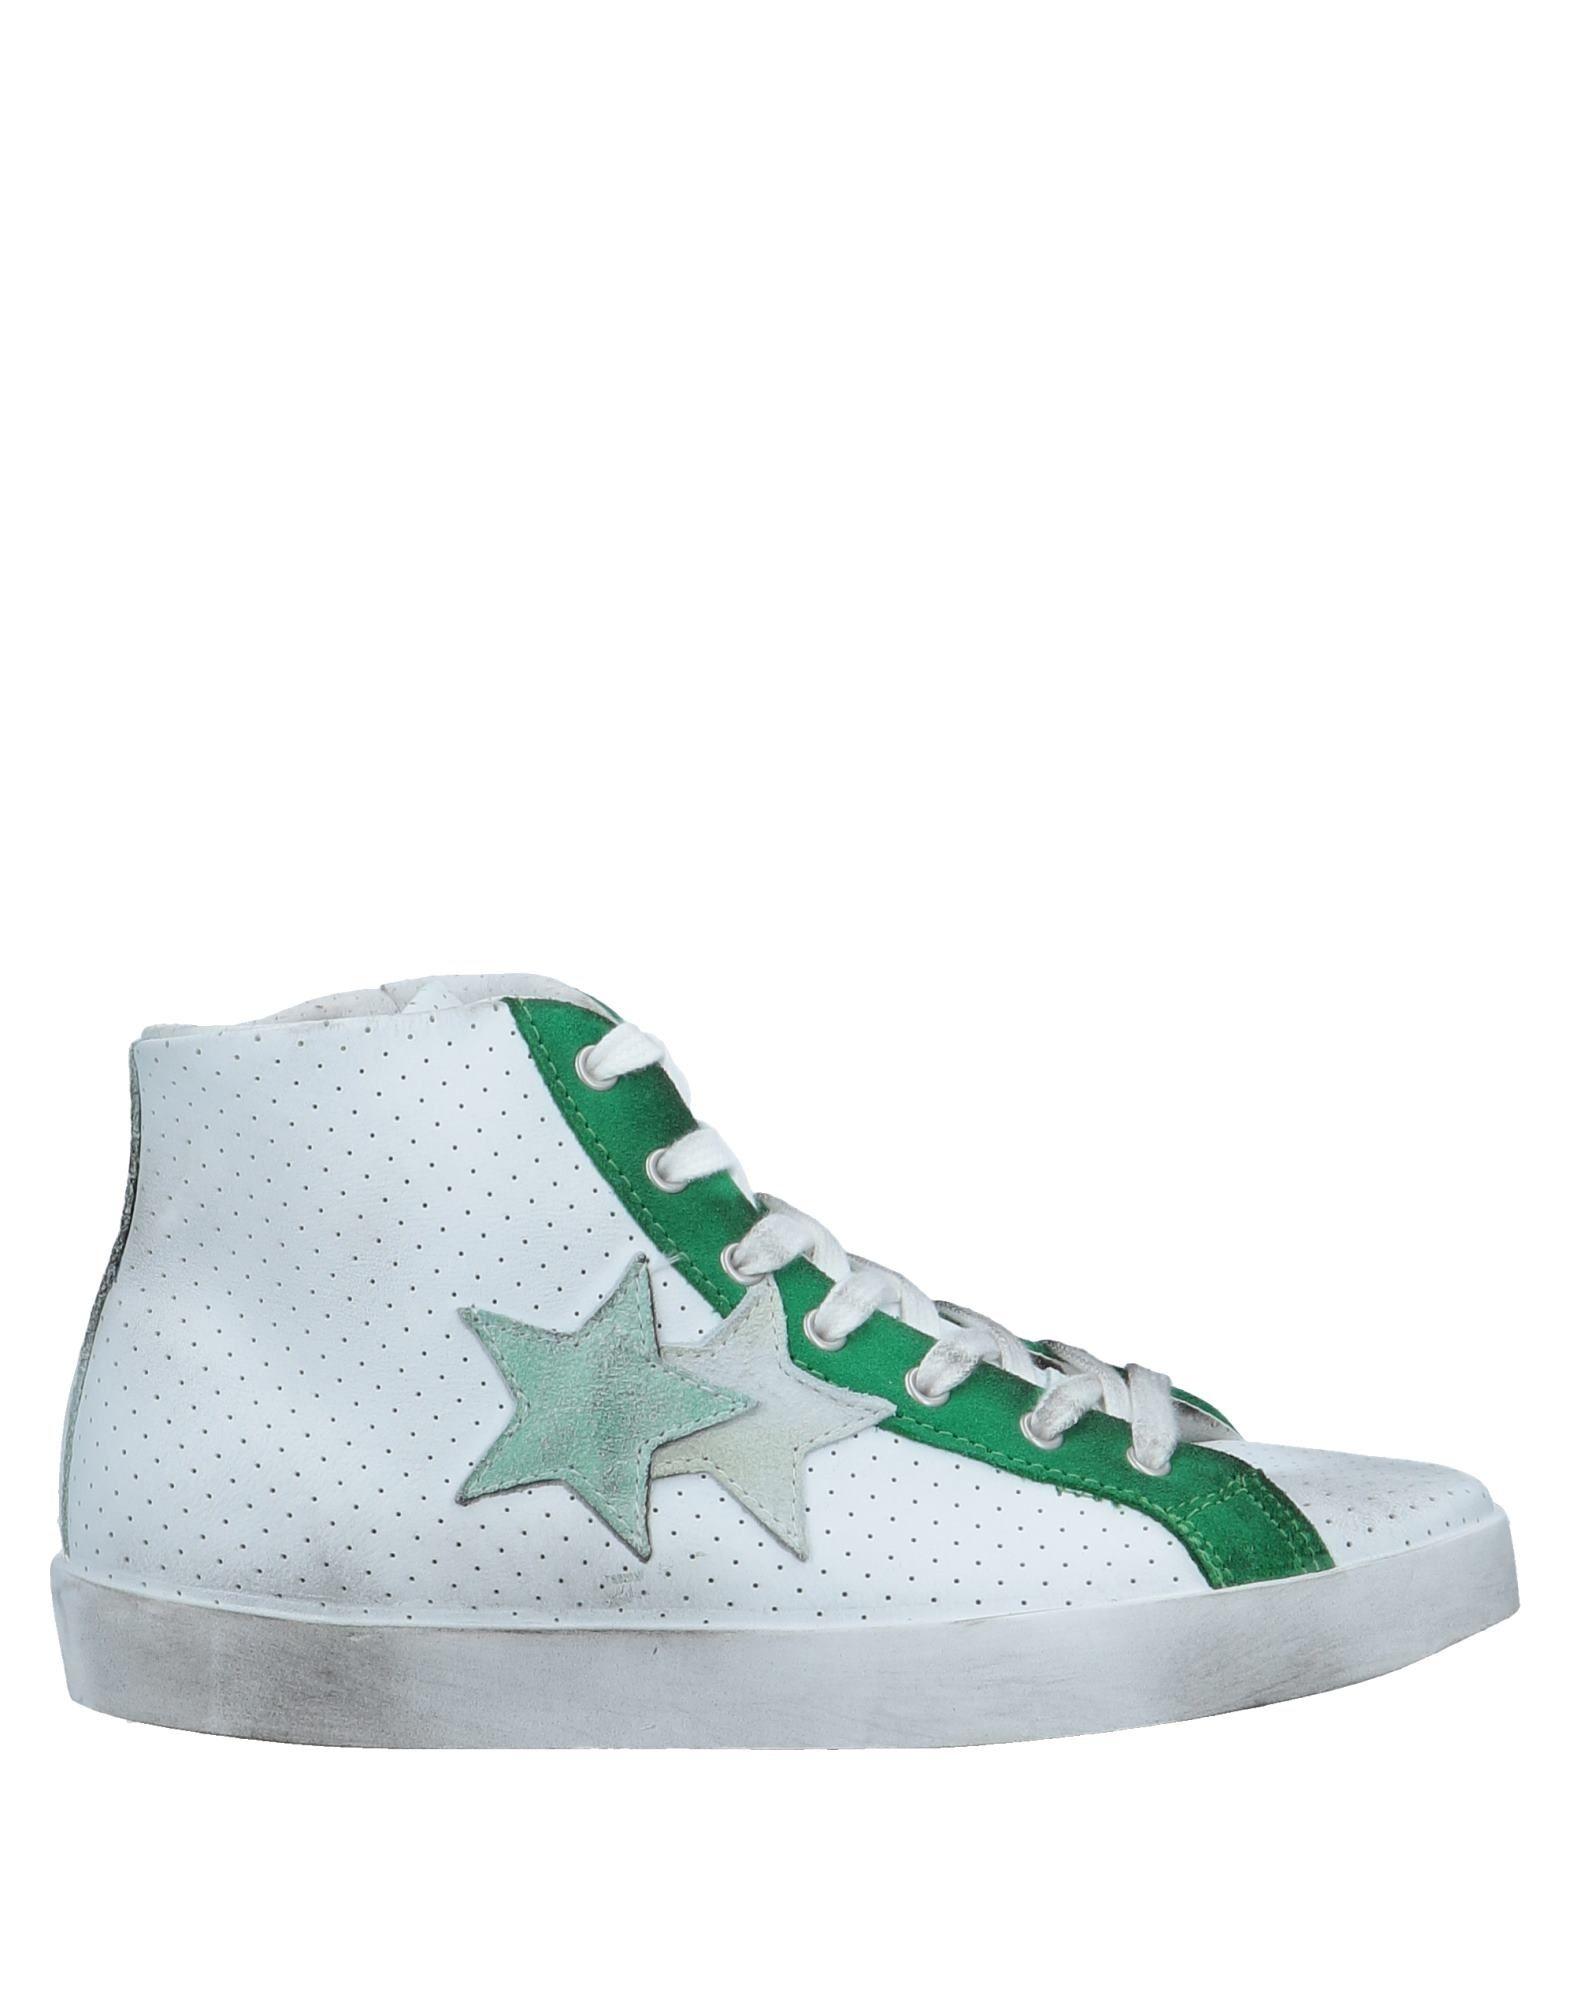 2Star on Sneakers - Women 2Star Sneakers online on 2Star  Australia - 11560967MU 8013f2